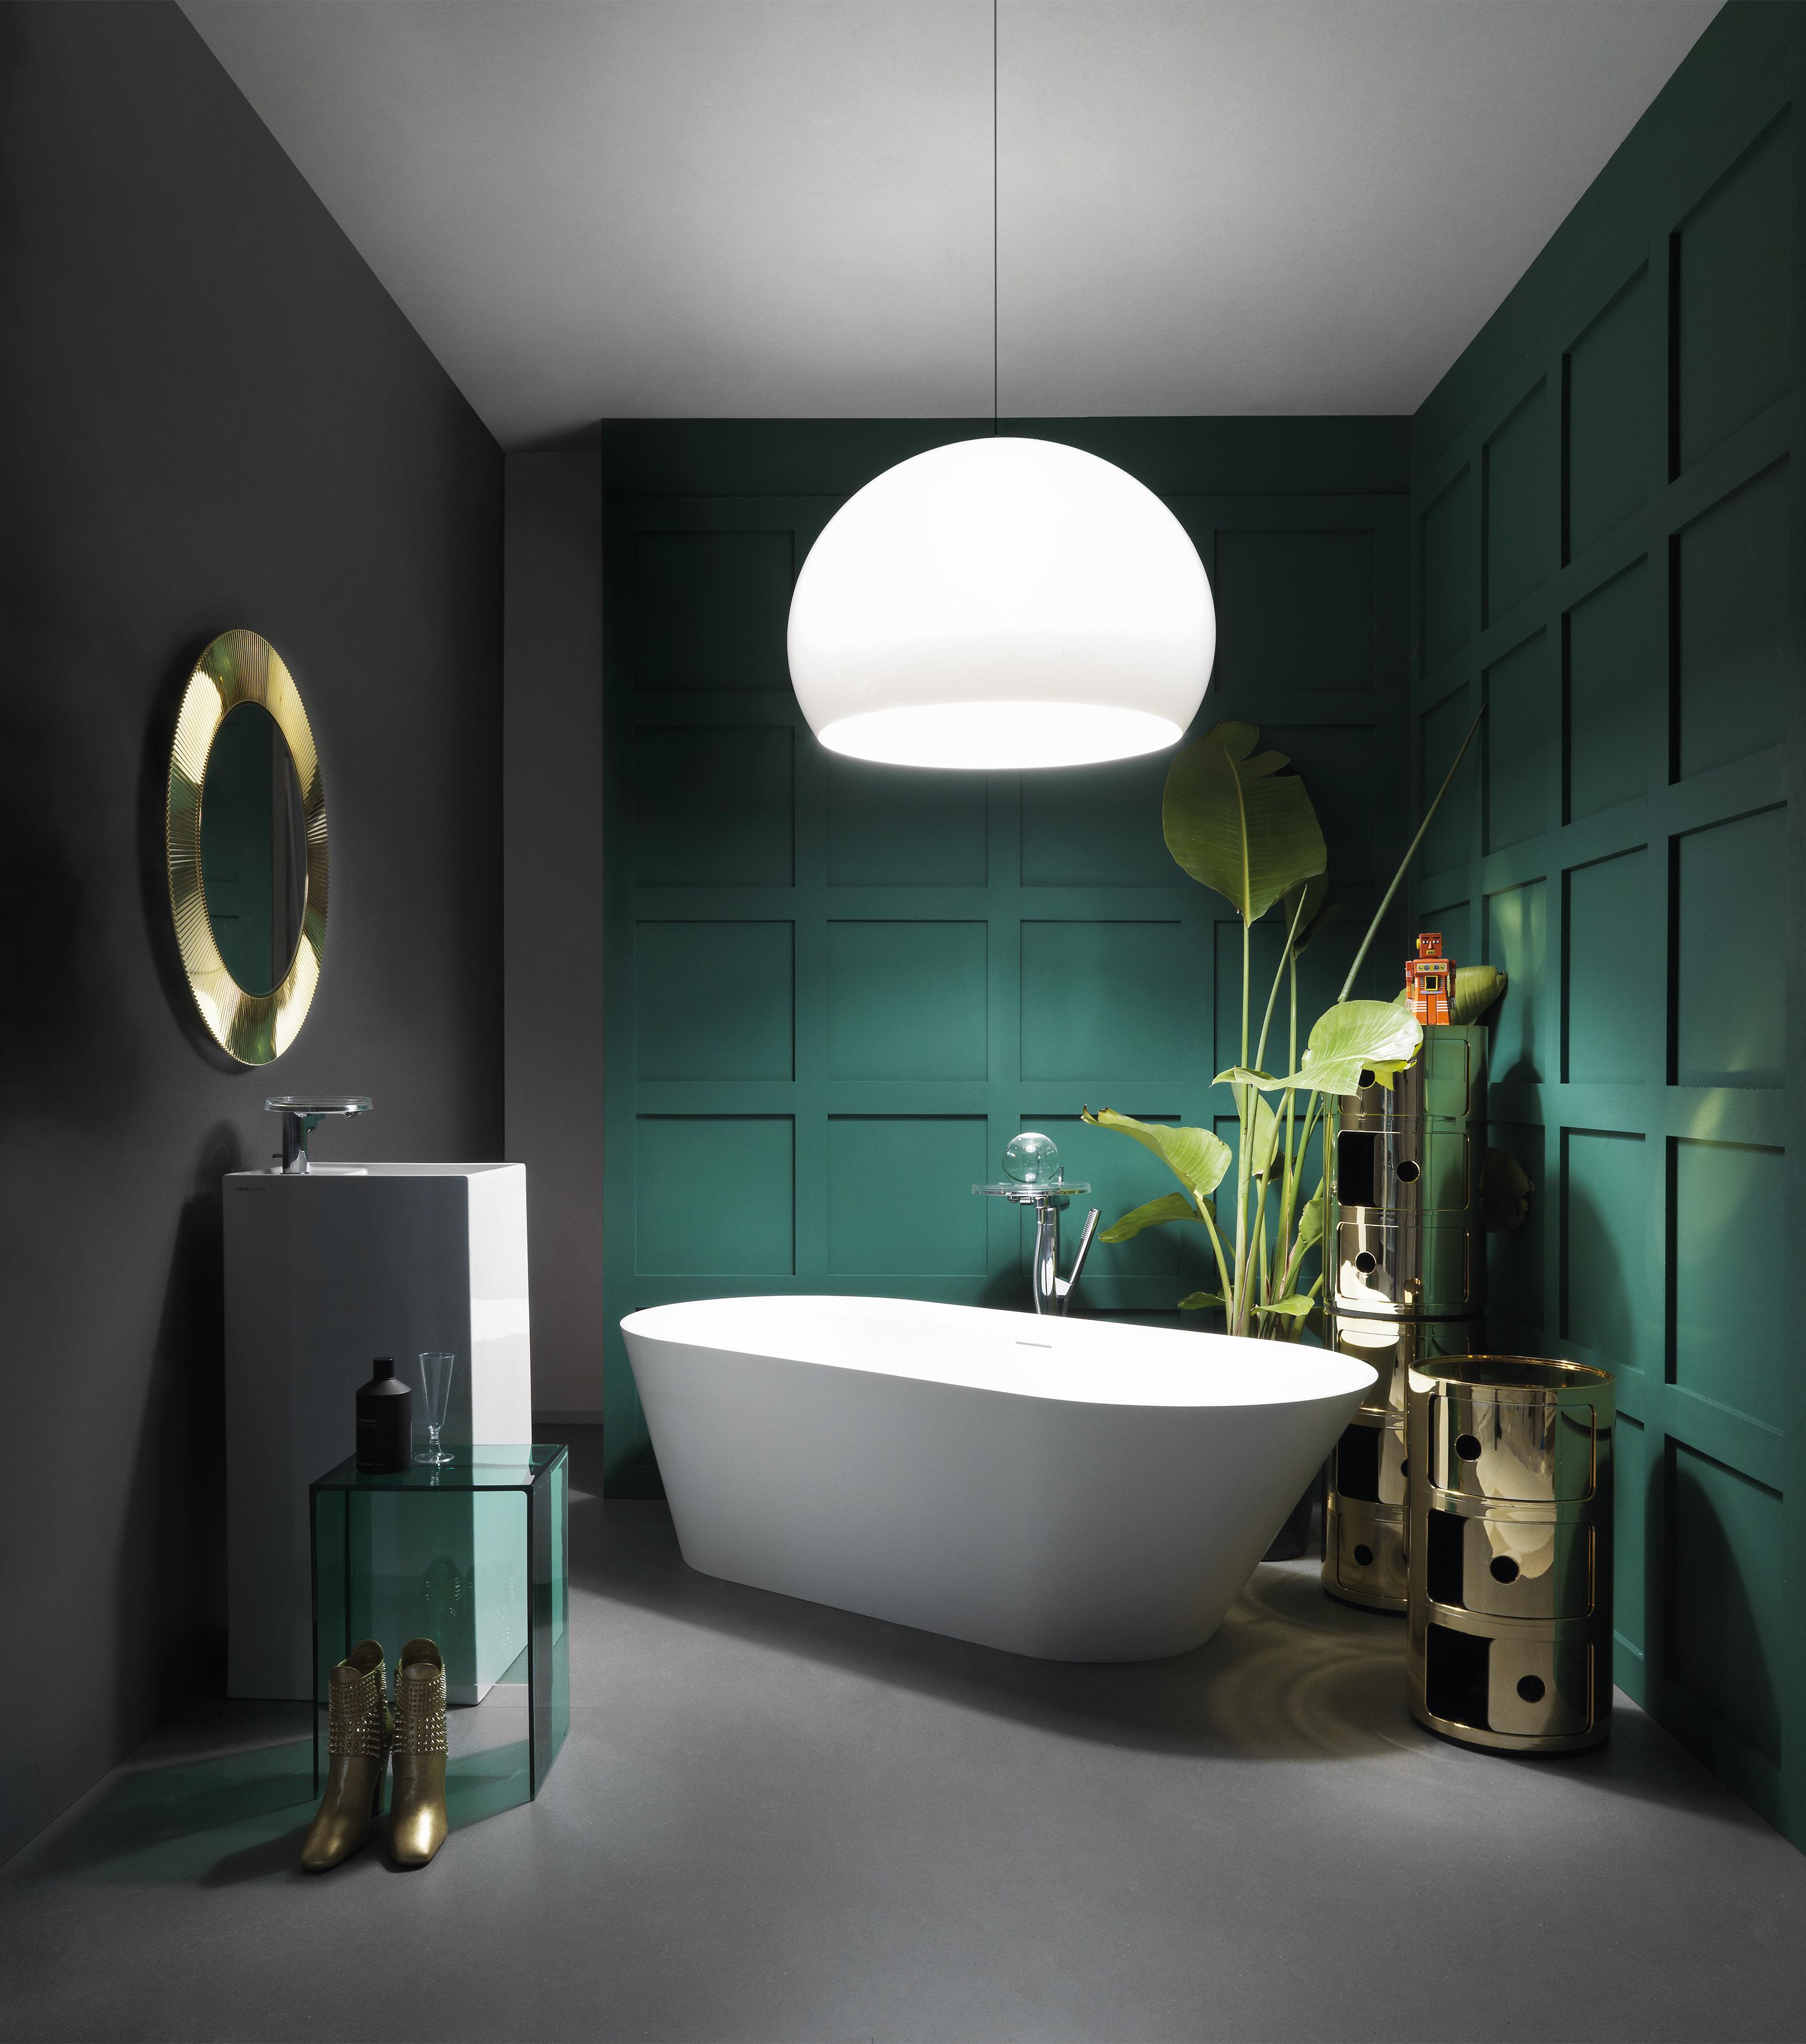 kartell by laufen badewanne freistehend von laufen stylepark. Black Bedroom Furniture Sets. Home Design Ideas